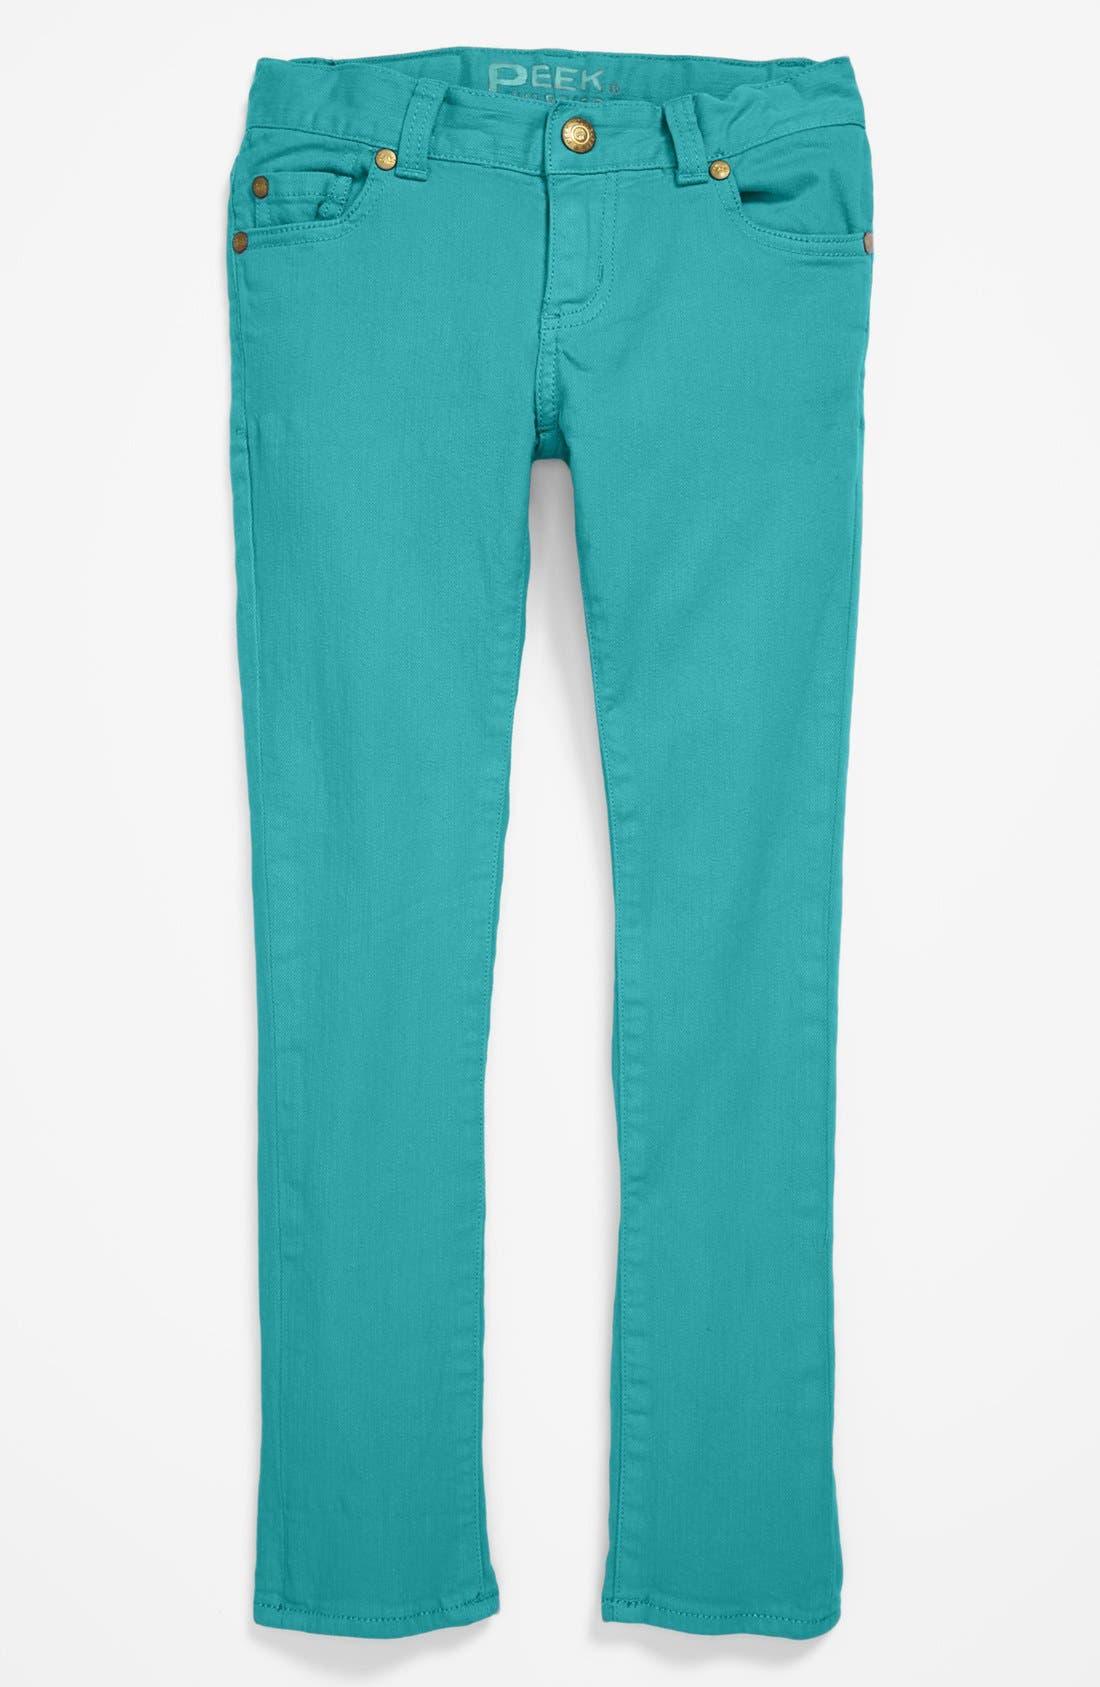 Alternate Image 2  - Peek 'Margot' Skinny Jeans (Toddler Girls, Little Girls & Big Girls)